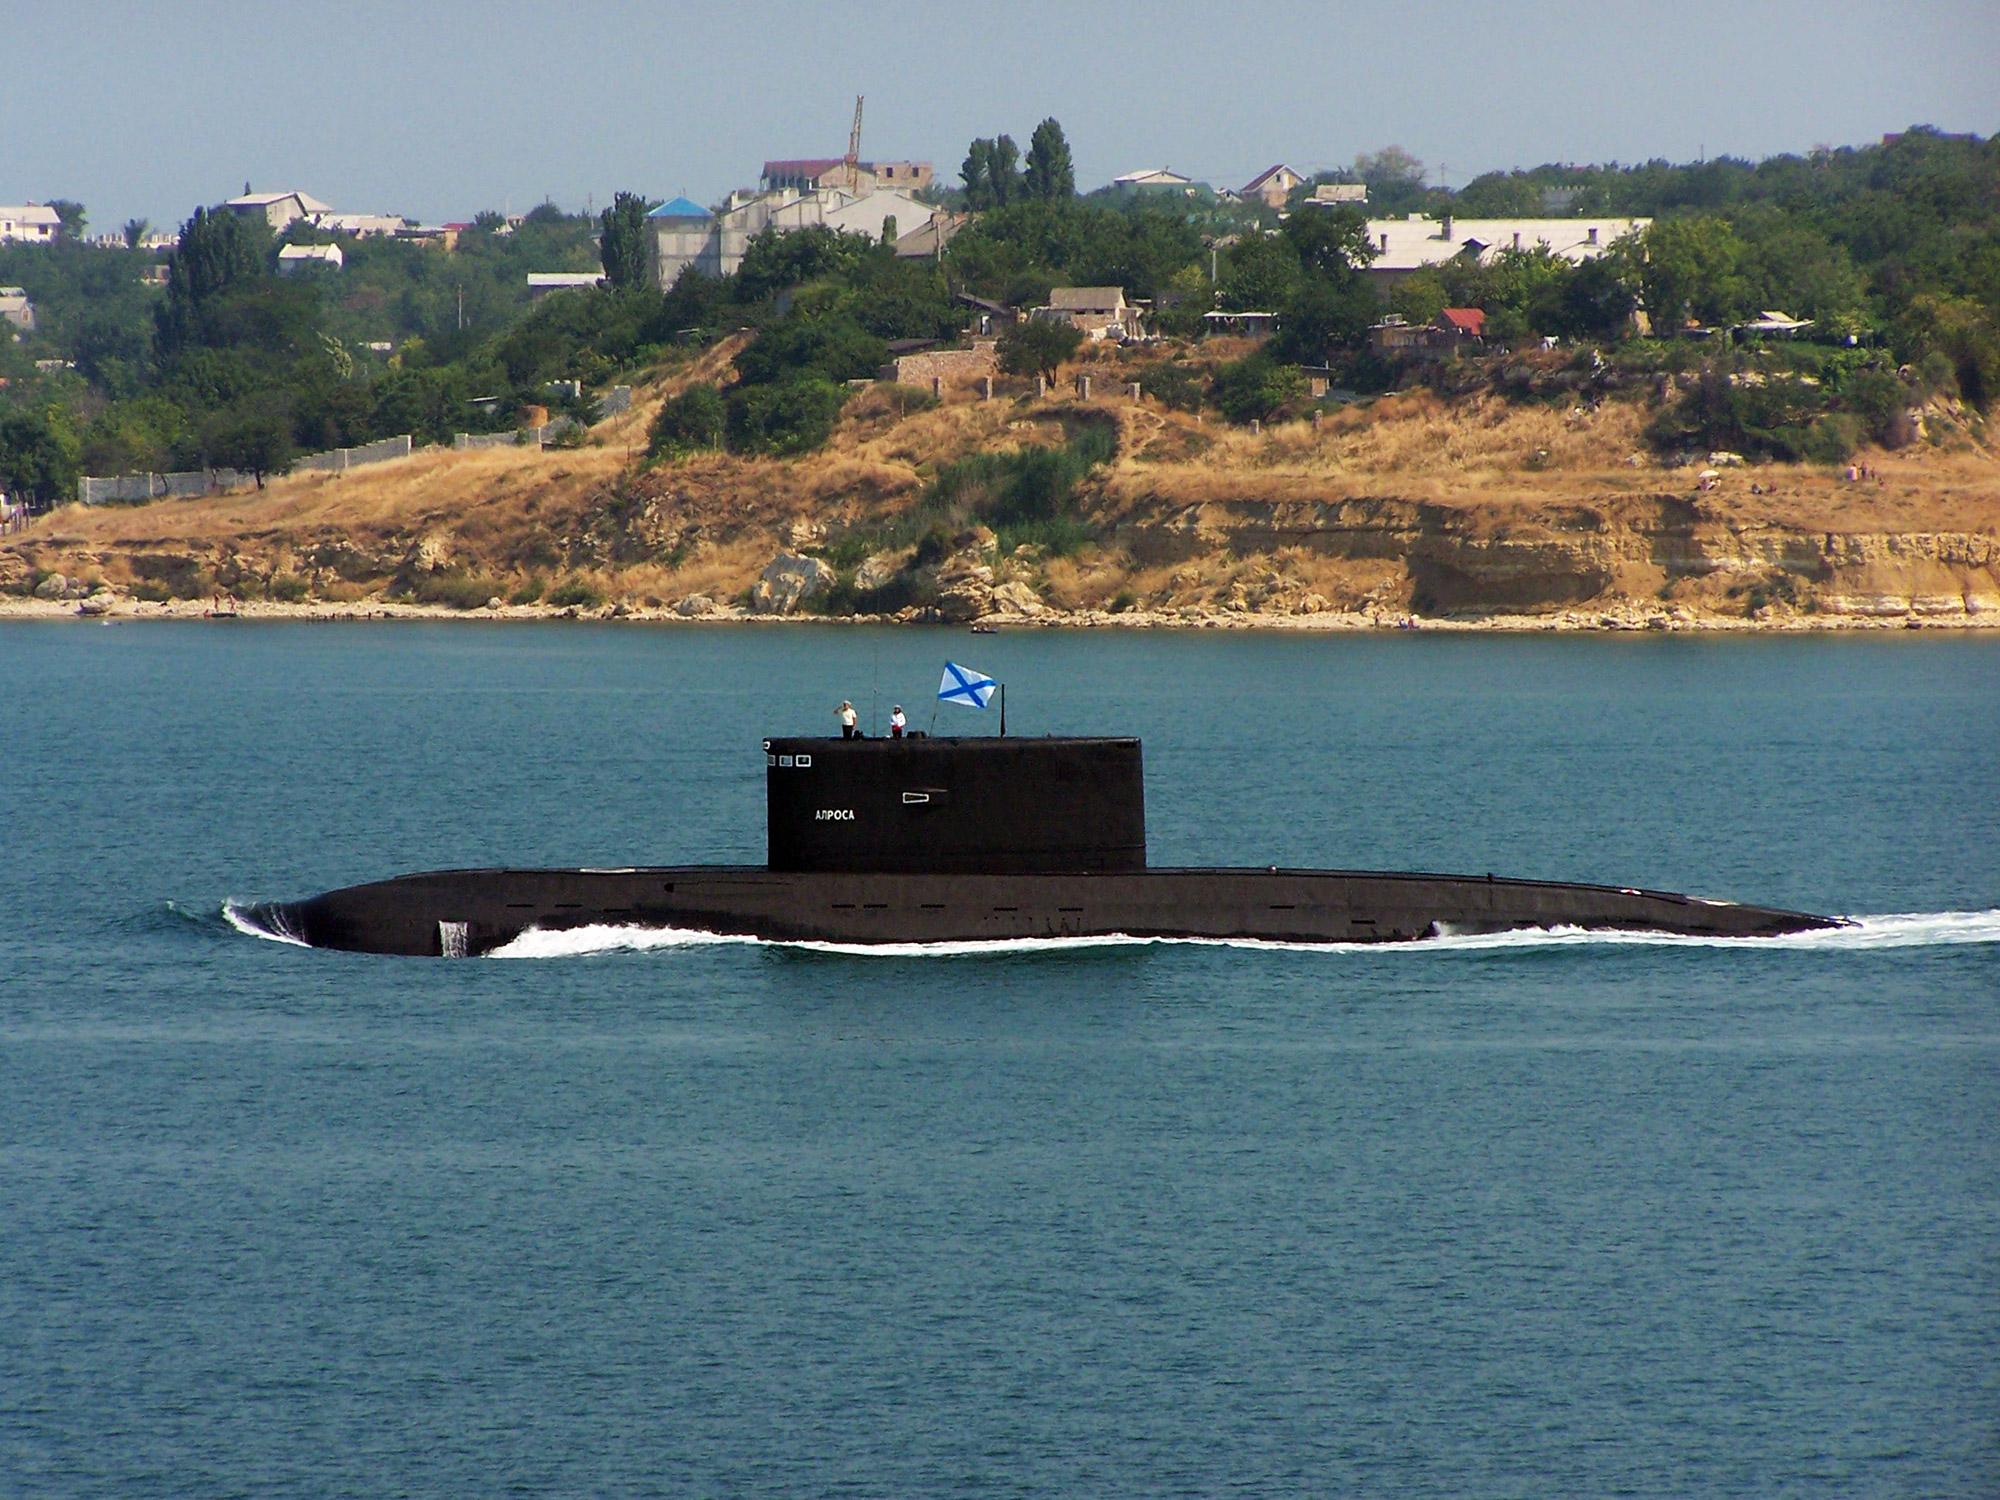 подводная лодка алроса в херсонесе фото что его поведение